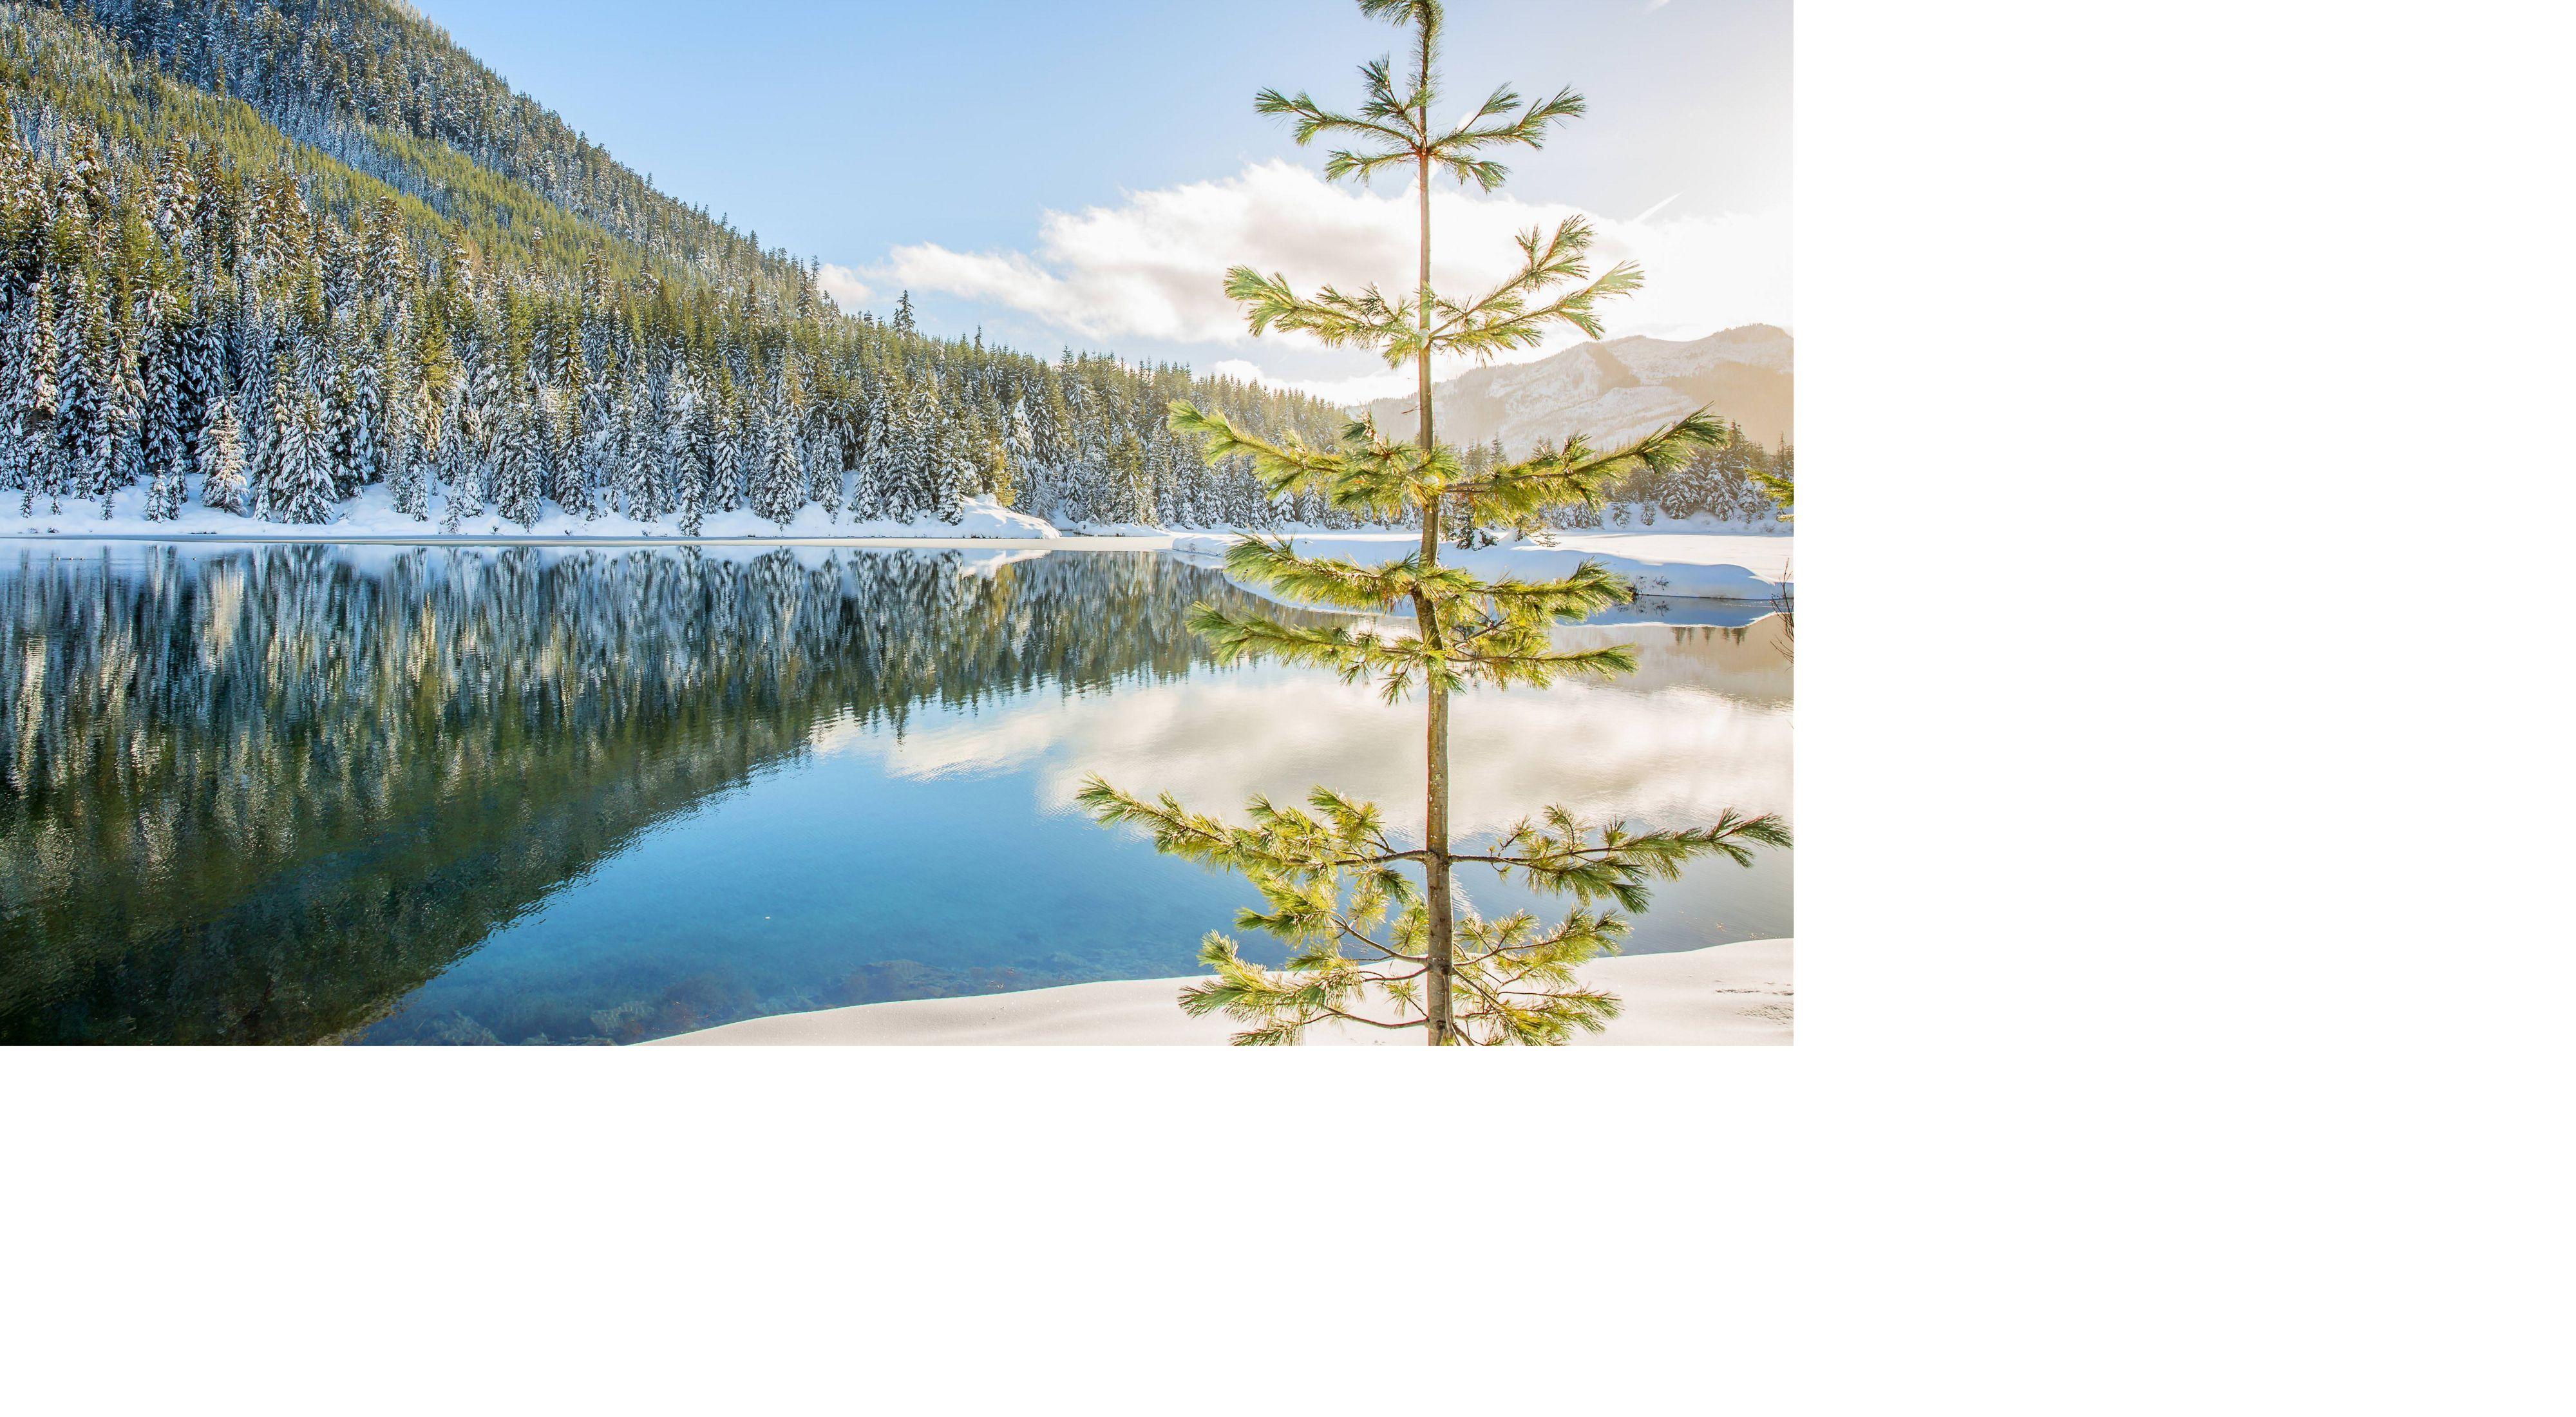 Bosque Siempreverde reflejado en estanque